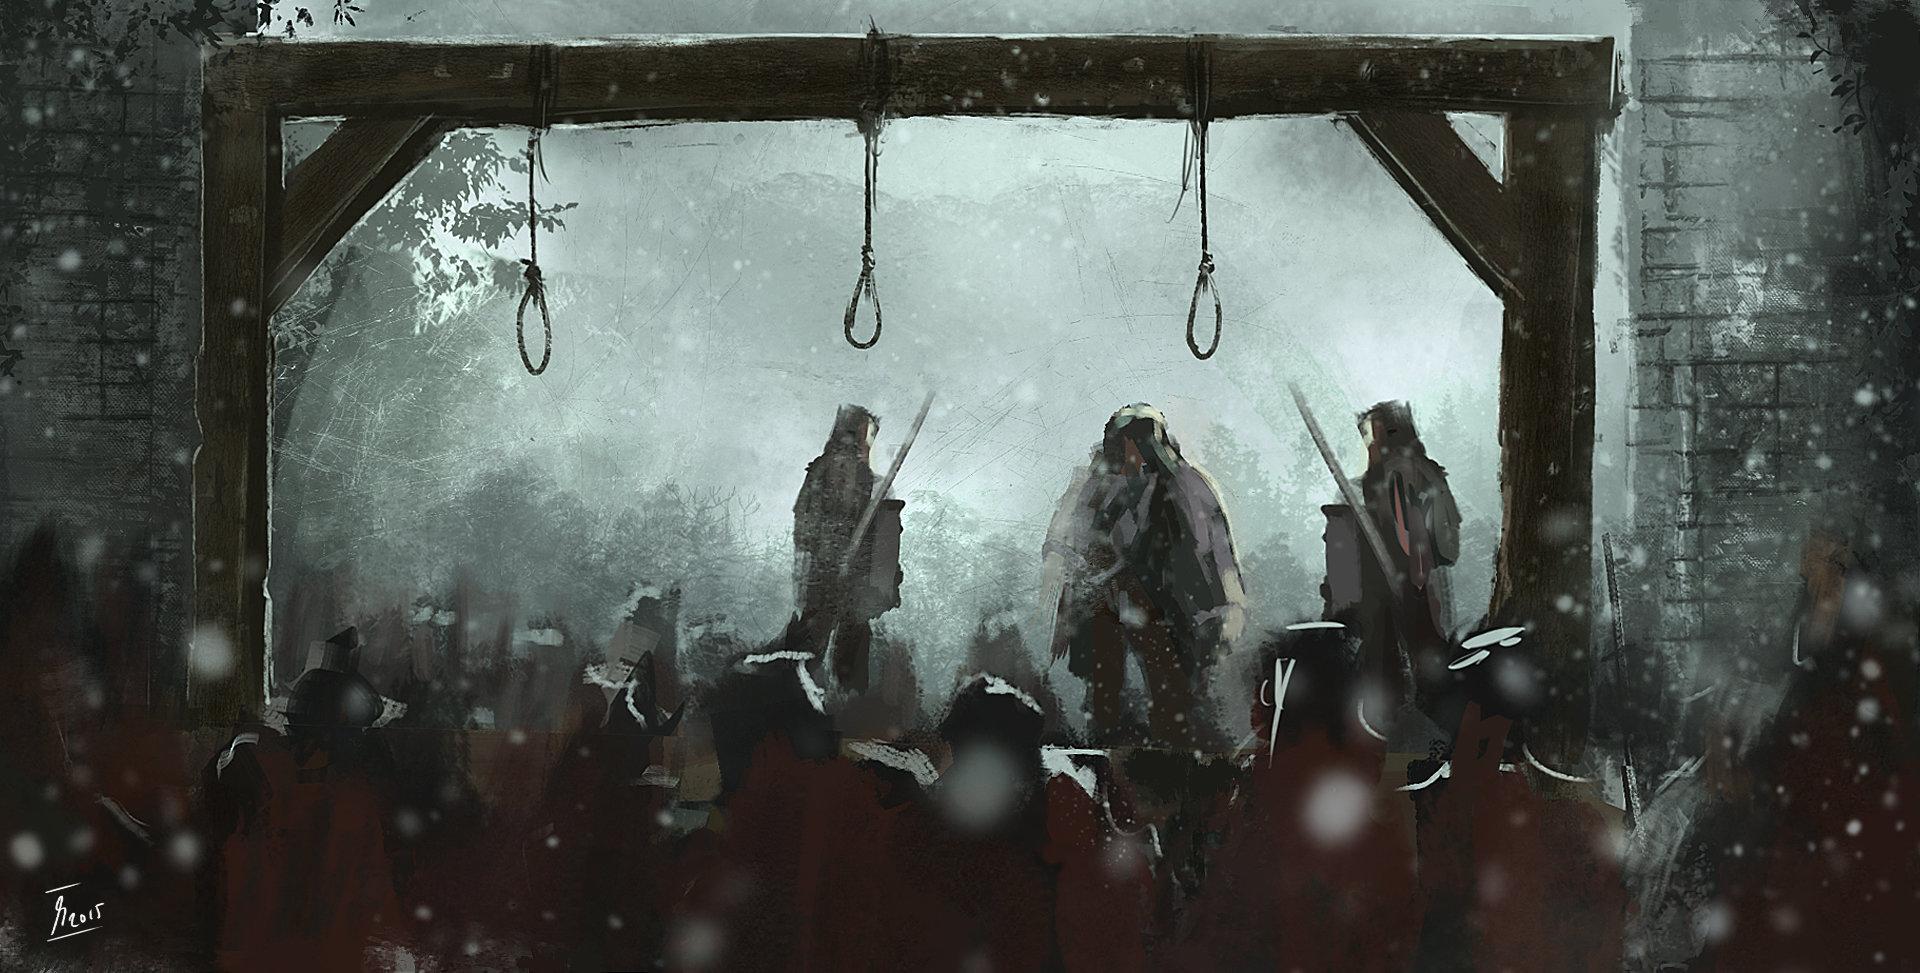 Reha sakar execution